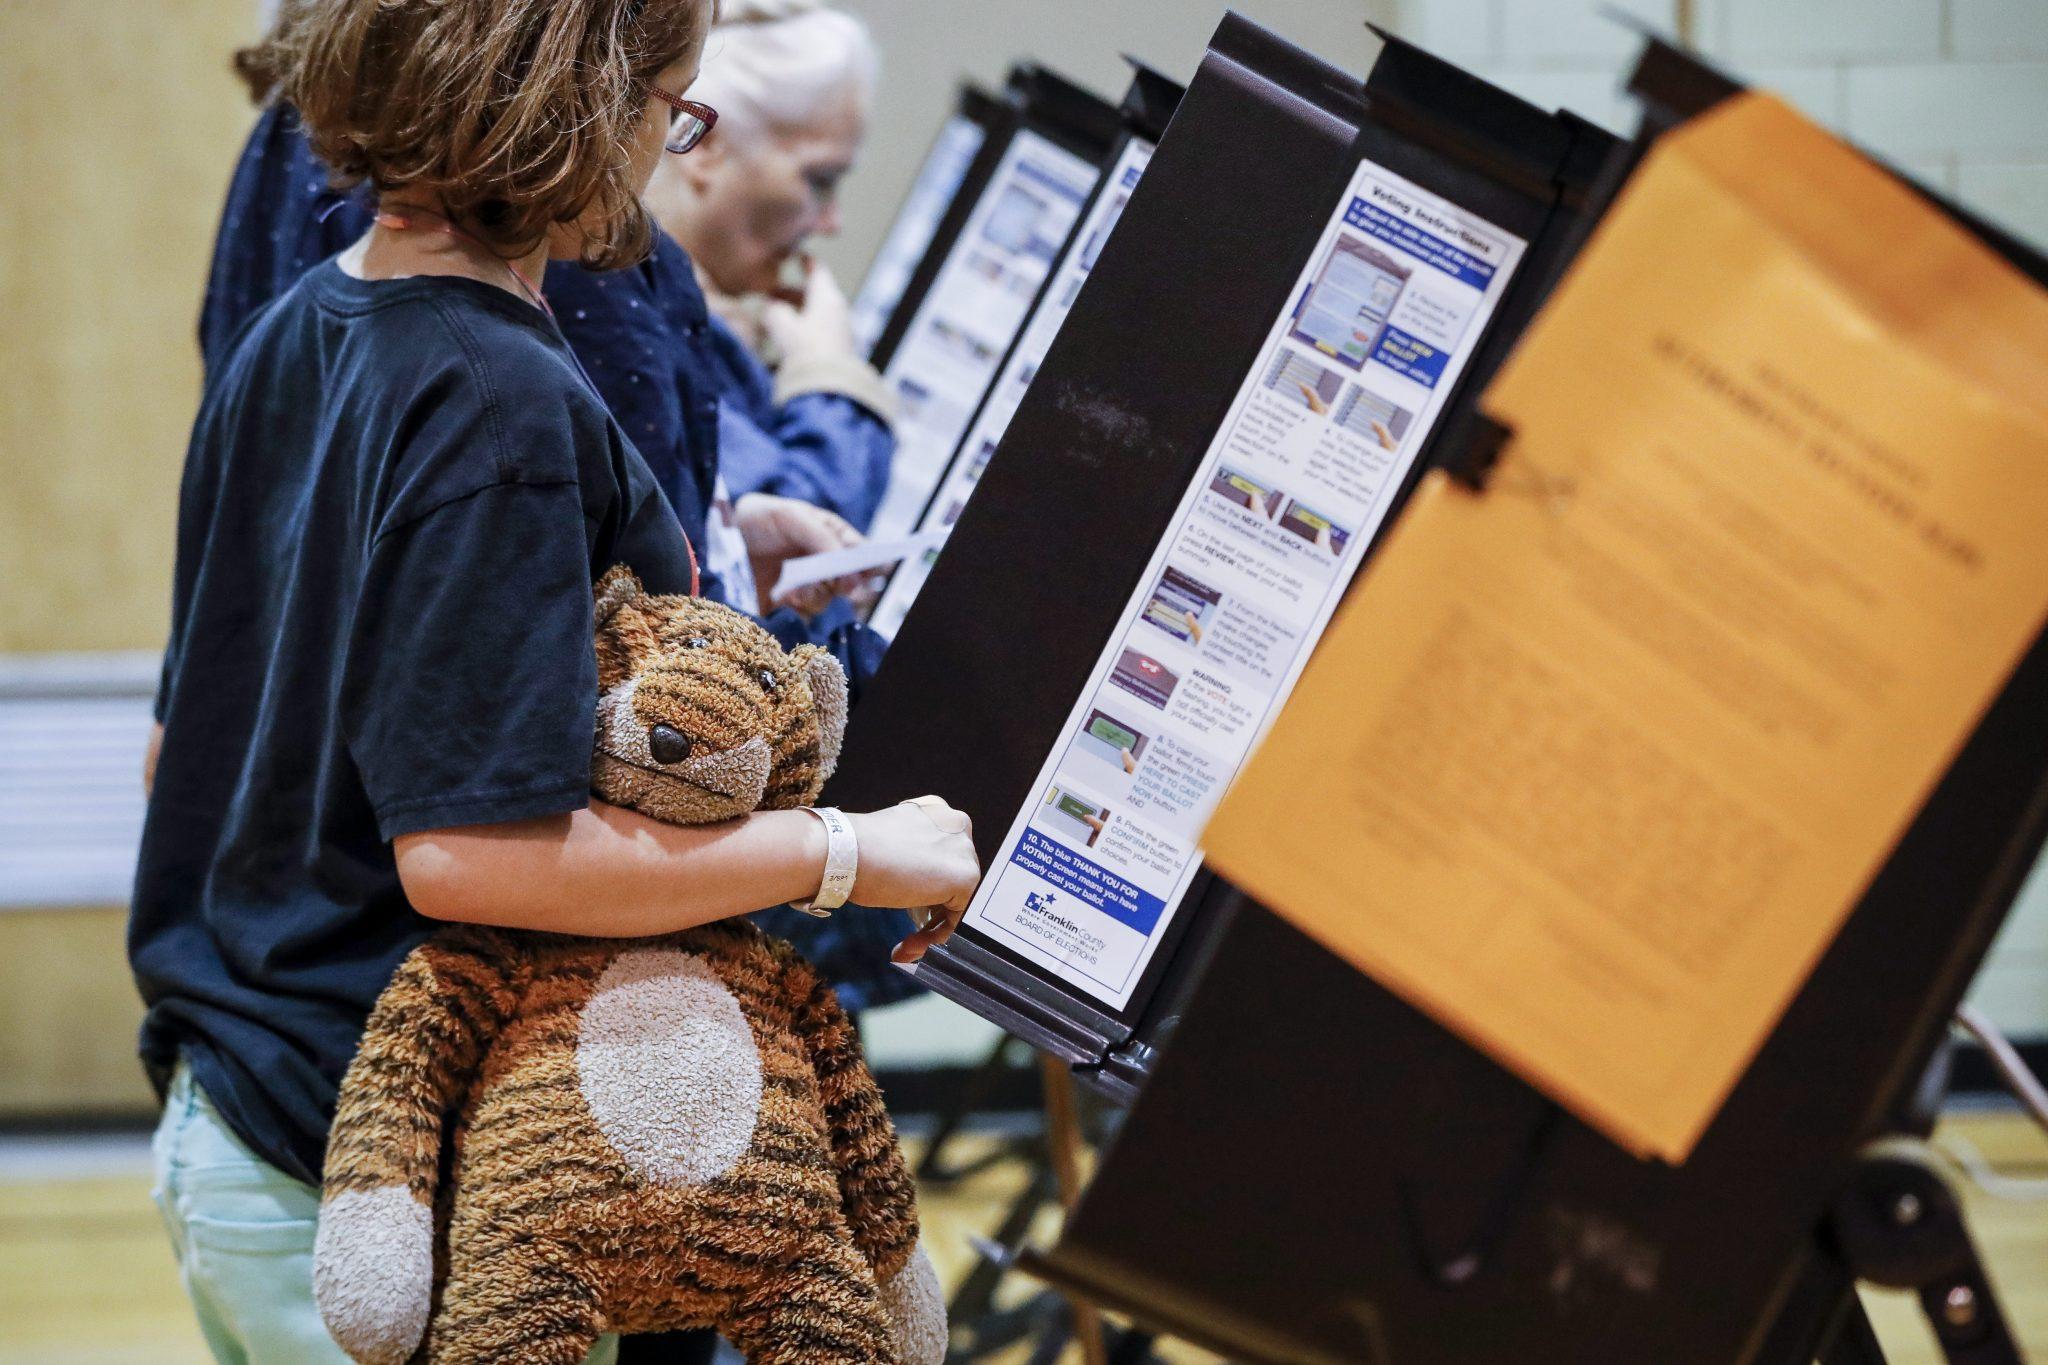 France l ambiance des bureaux de vote en photos